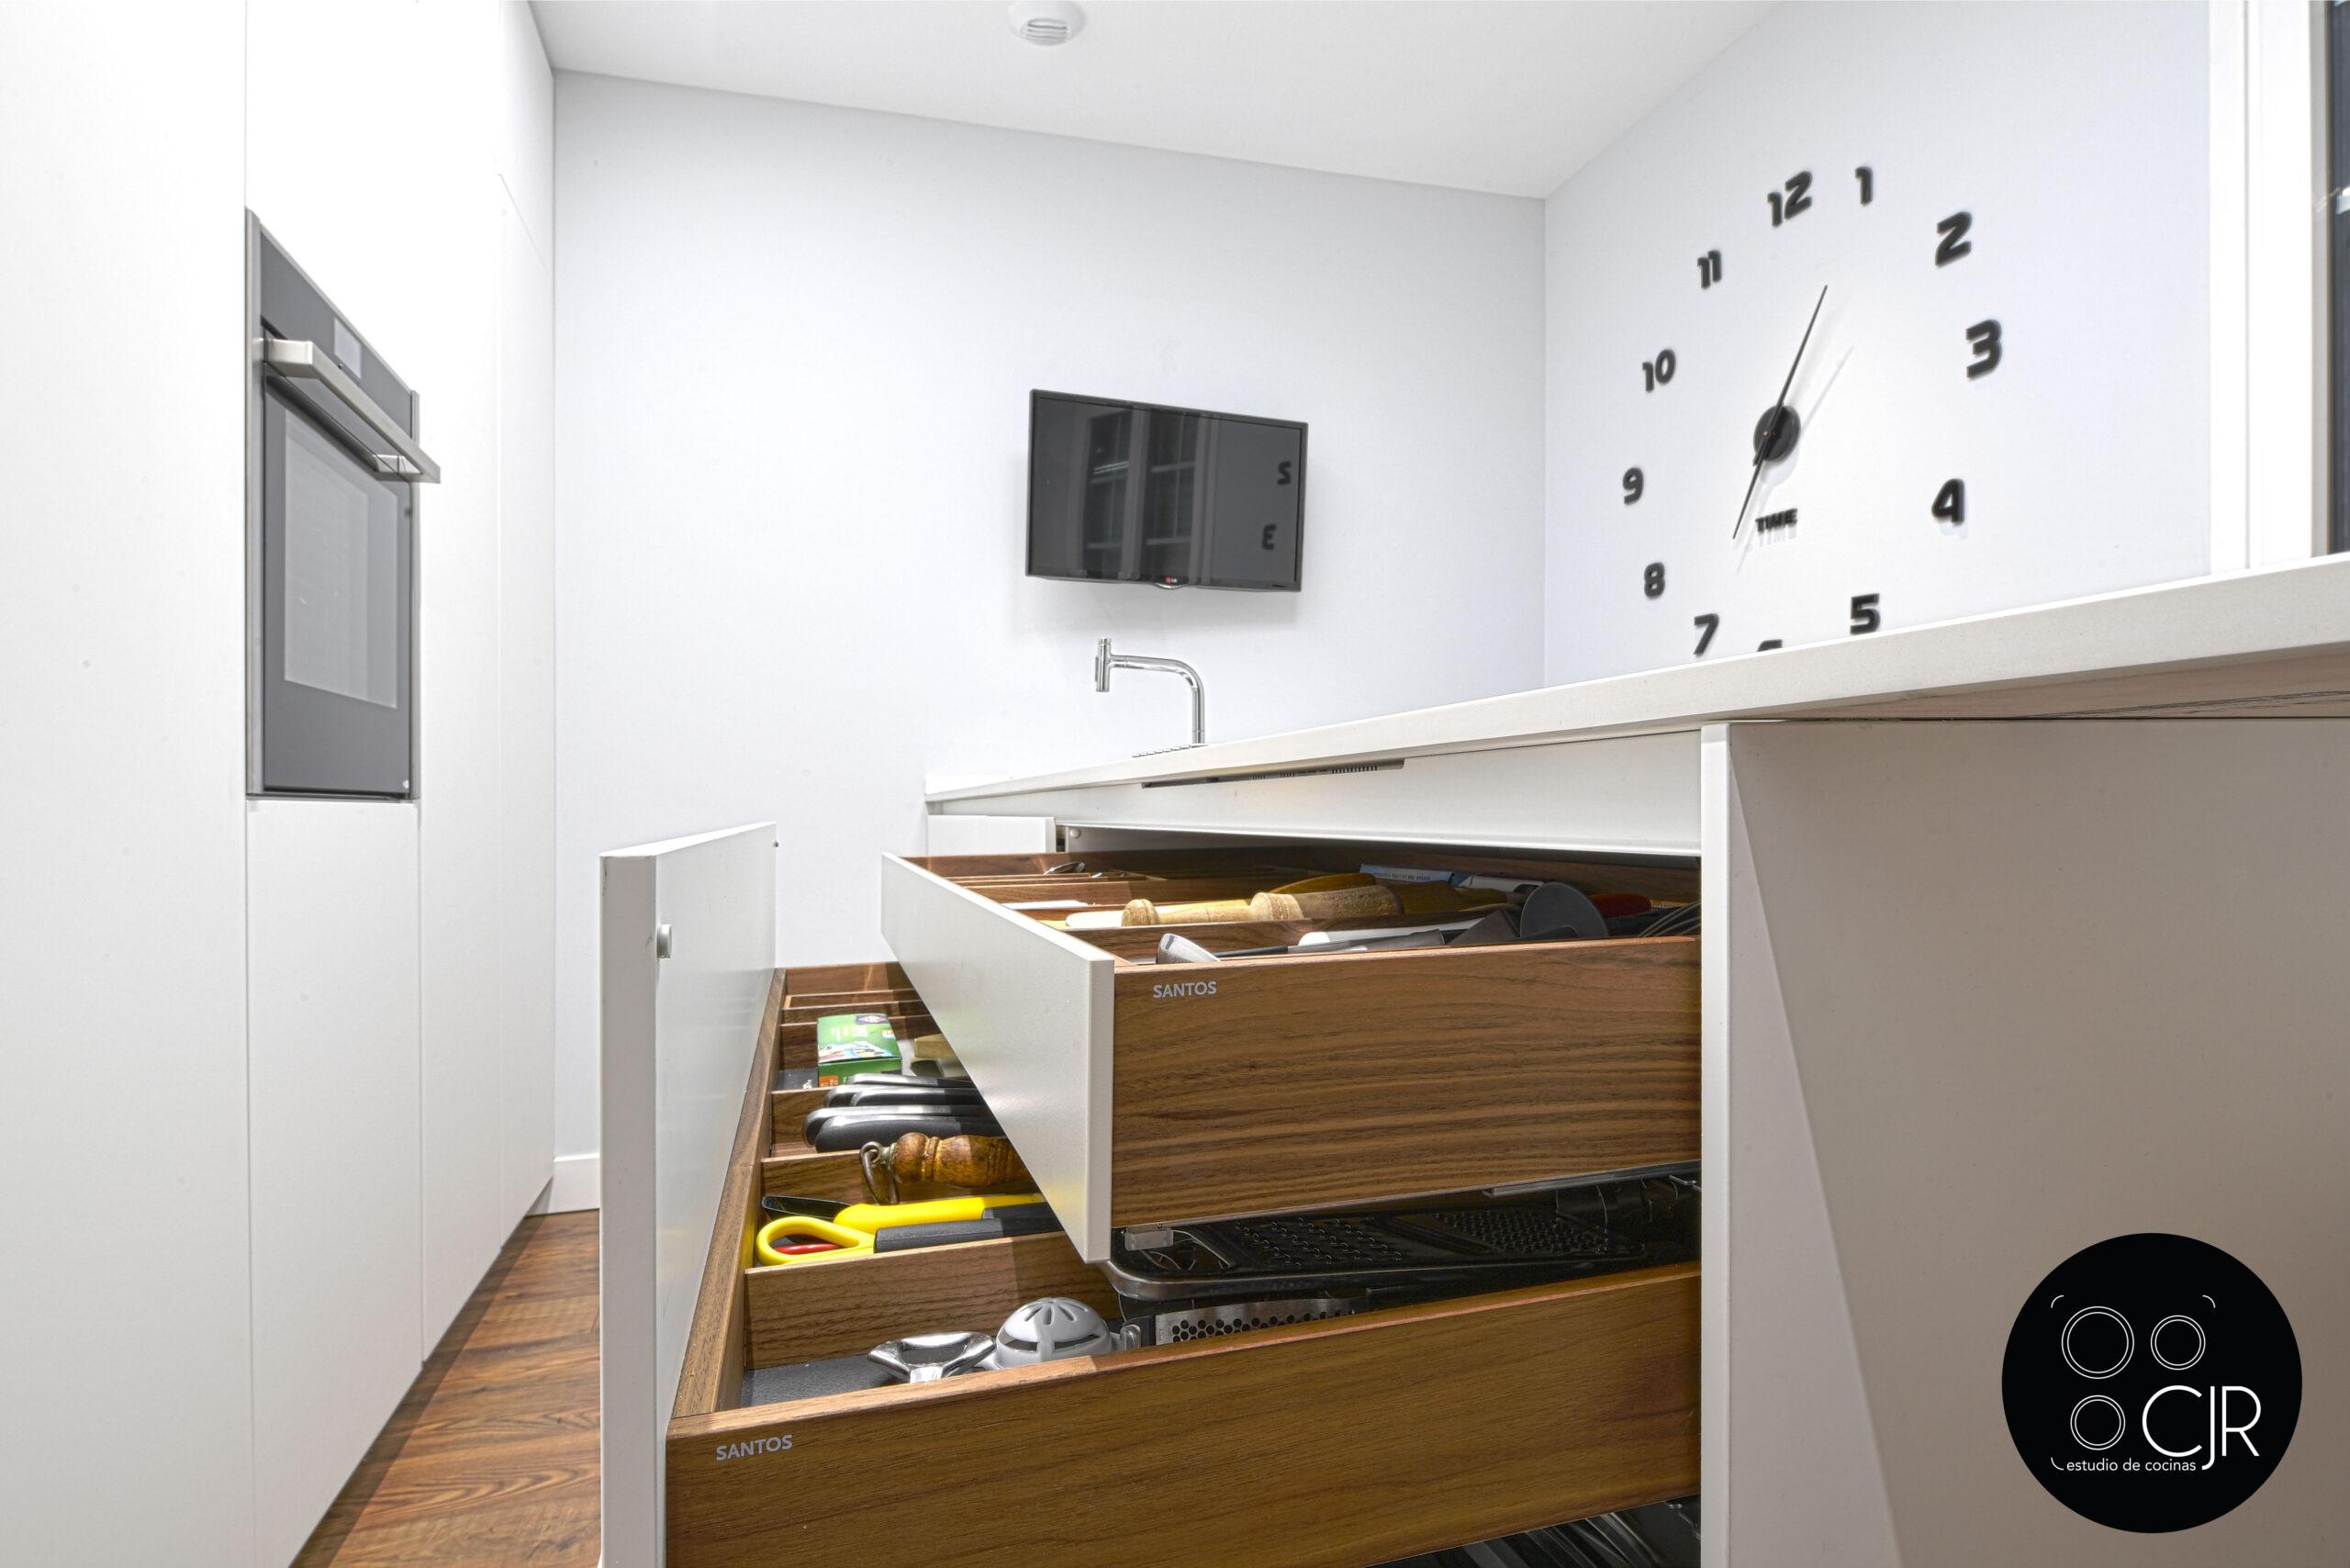 Zona media cajones zócalo en cocina blanca mate sin tiradores